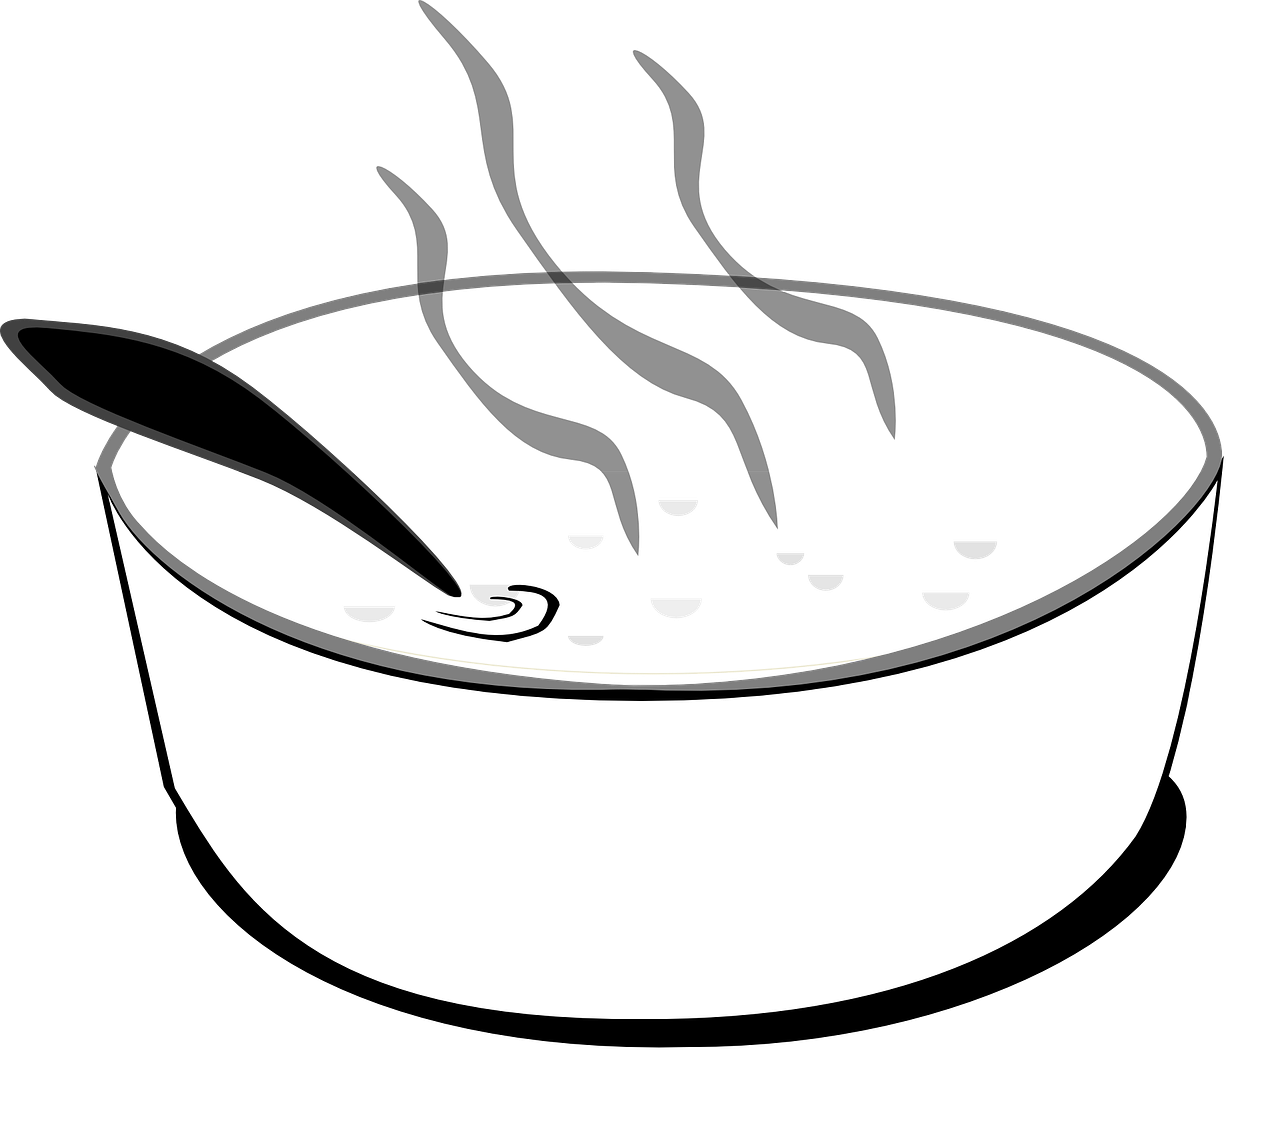 Flüssigkeit wird umgerührt. Symbol in schwarz-weiß